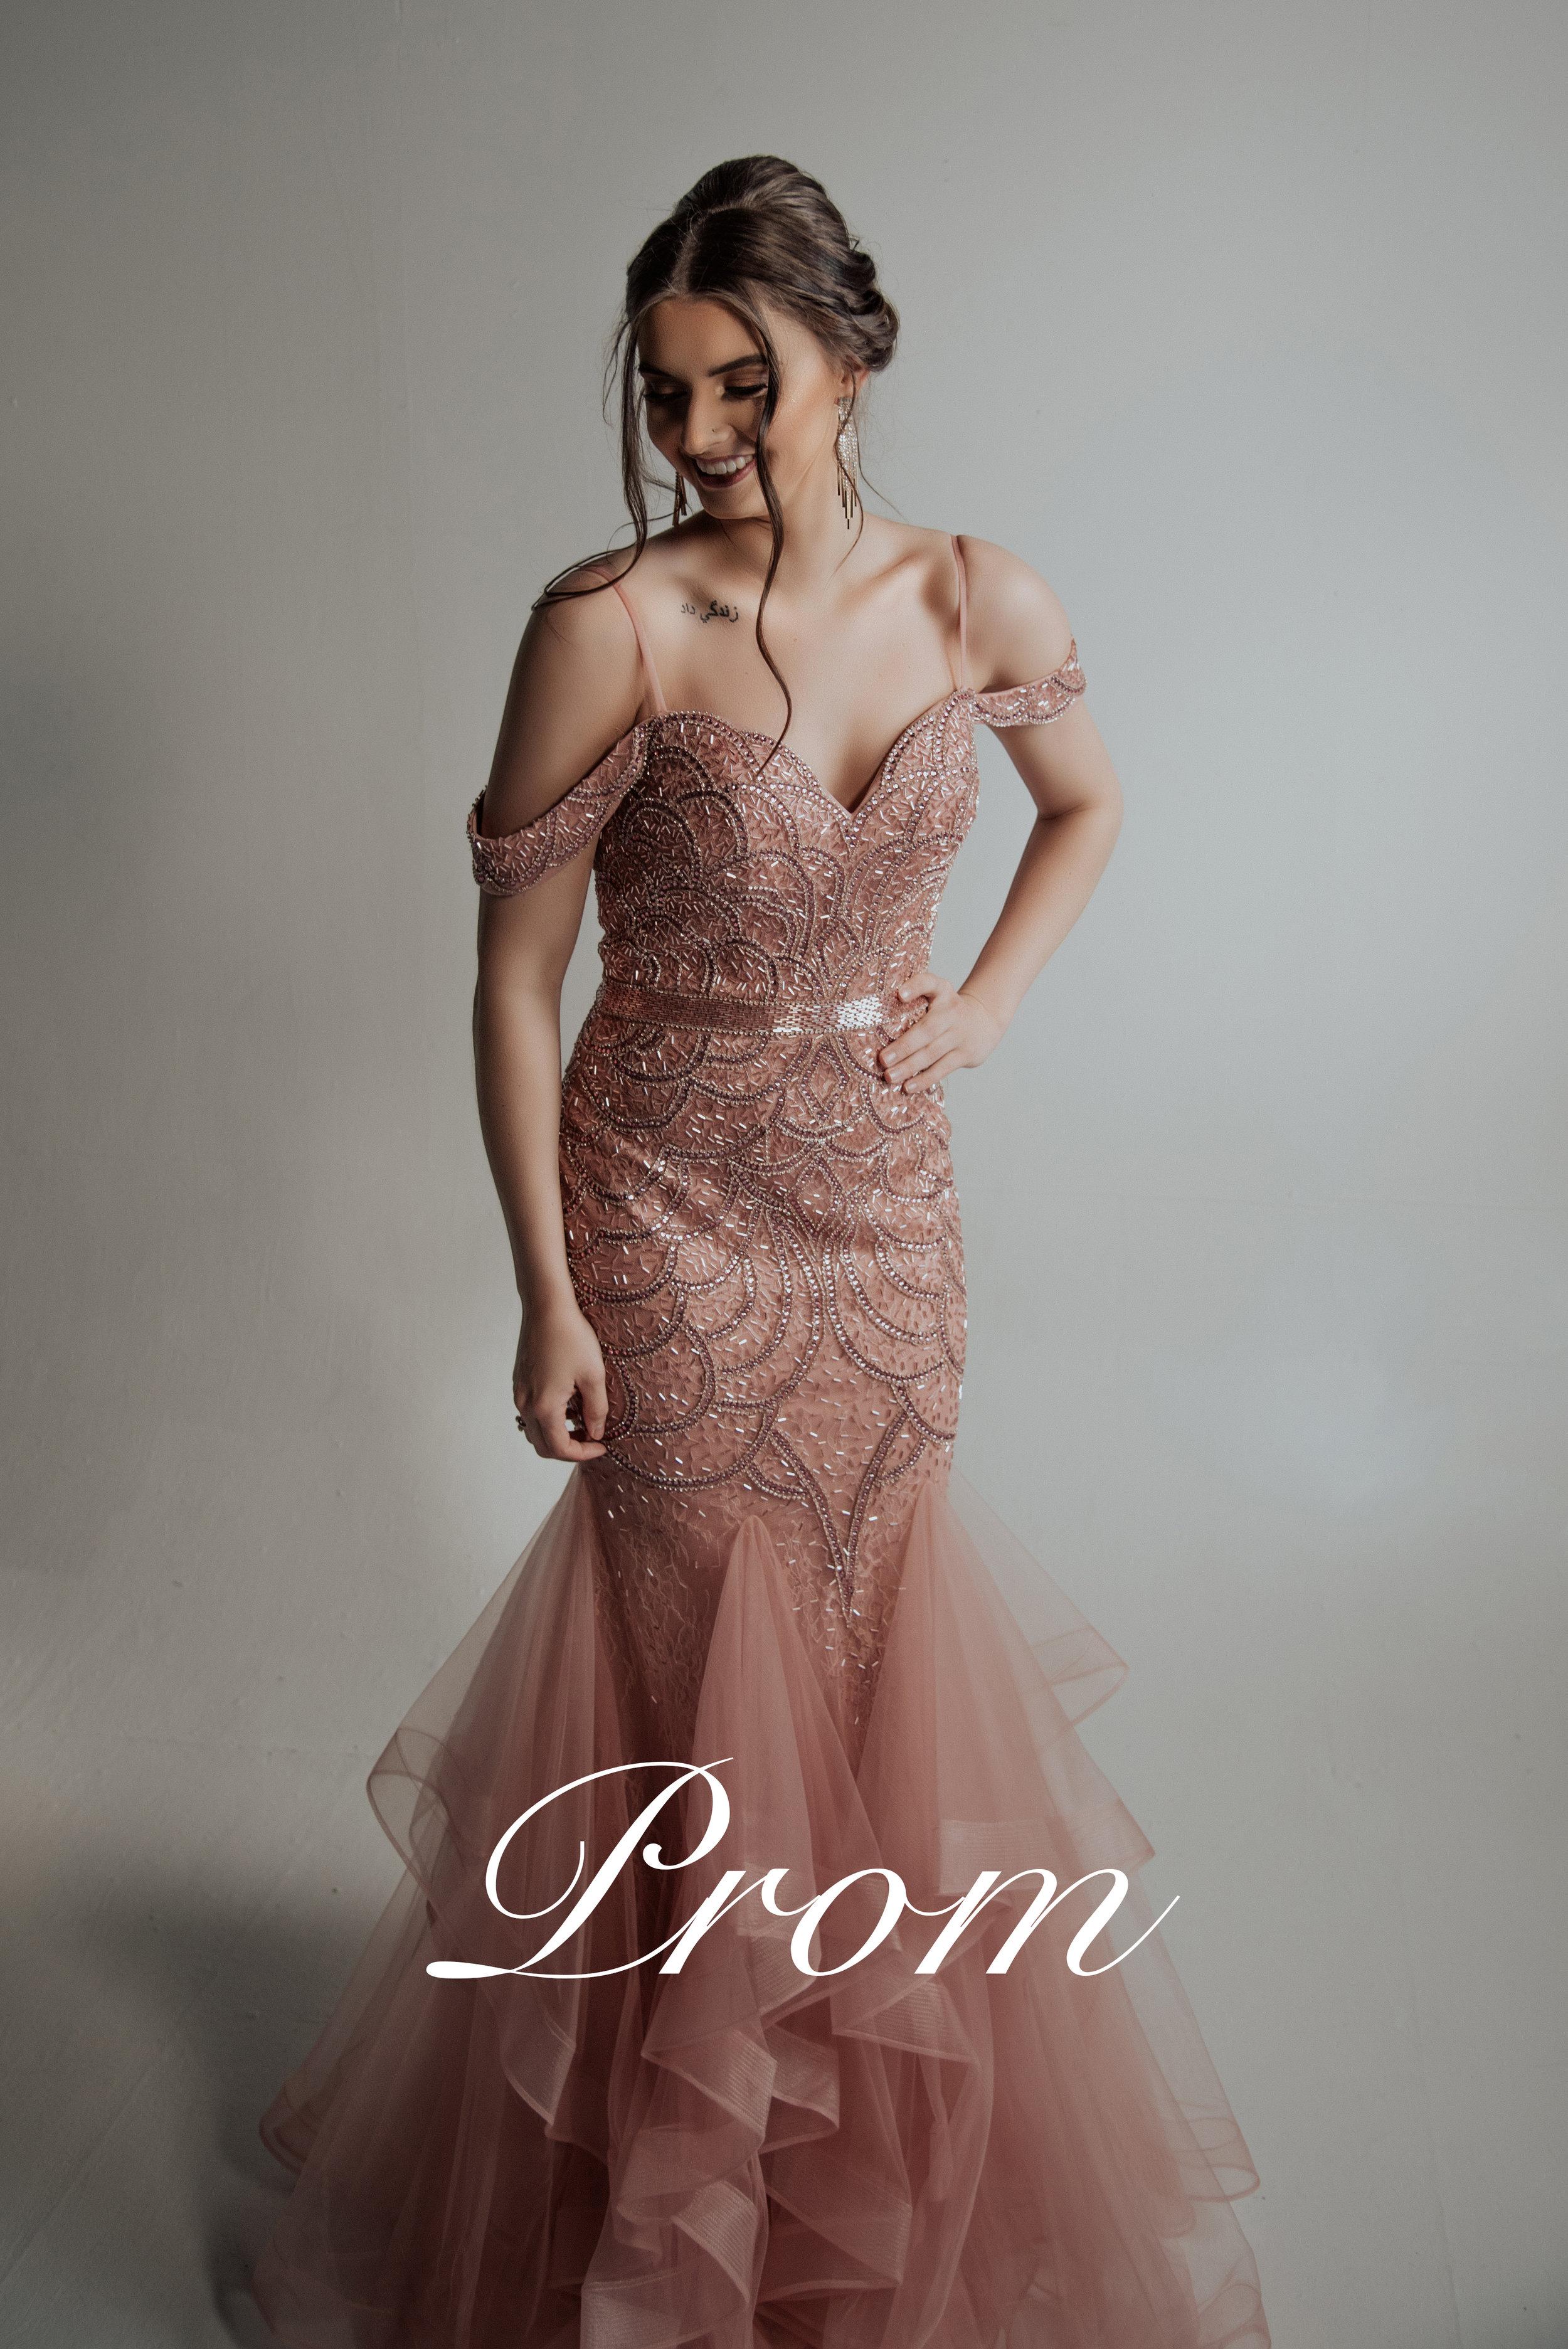 Black Tie Prom Cover.jpg